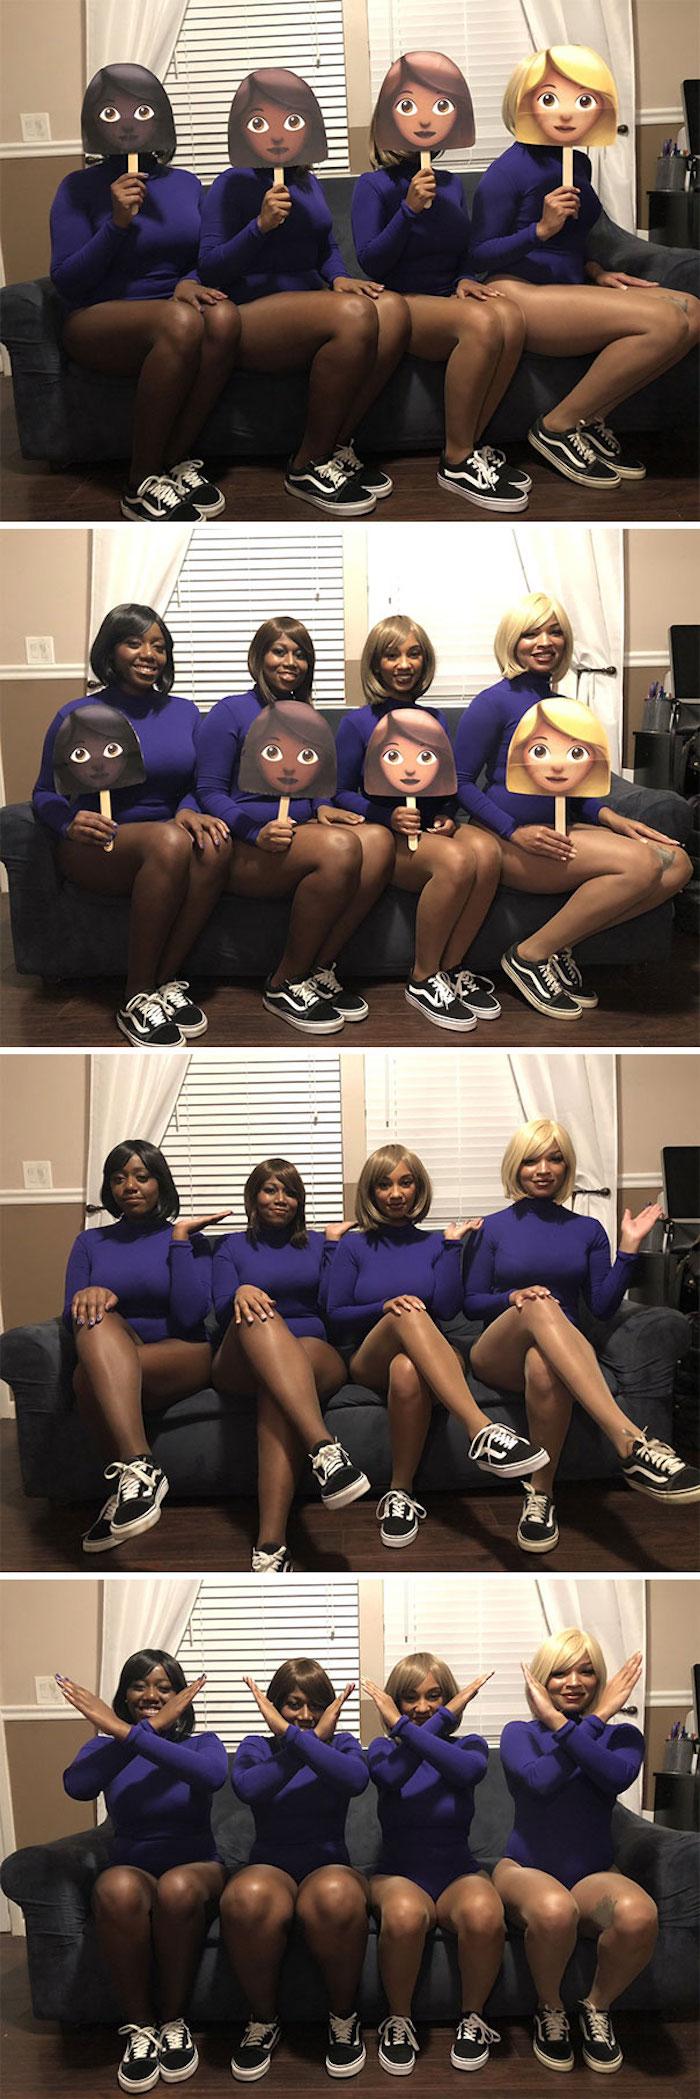 Groupe idée déguisement halloween, déguisement humoresque pour filles jouer les emoticones filles